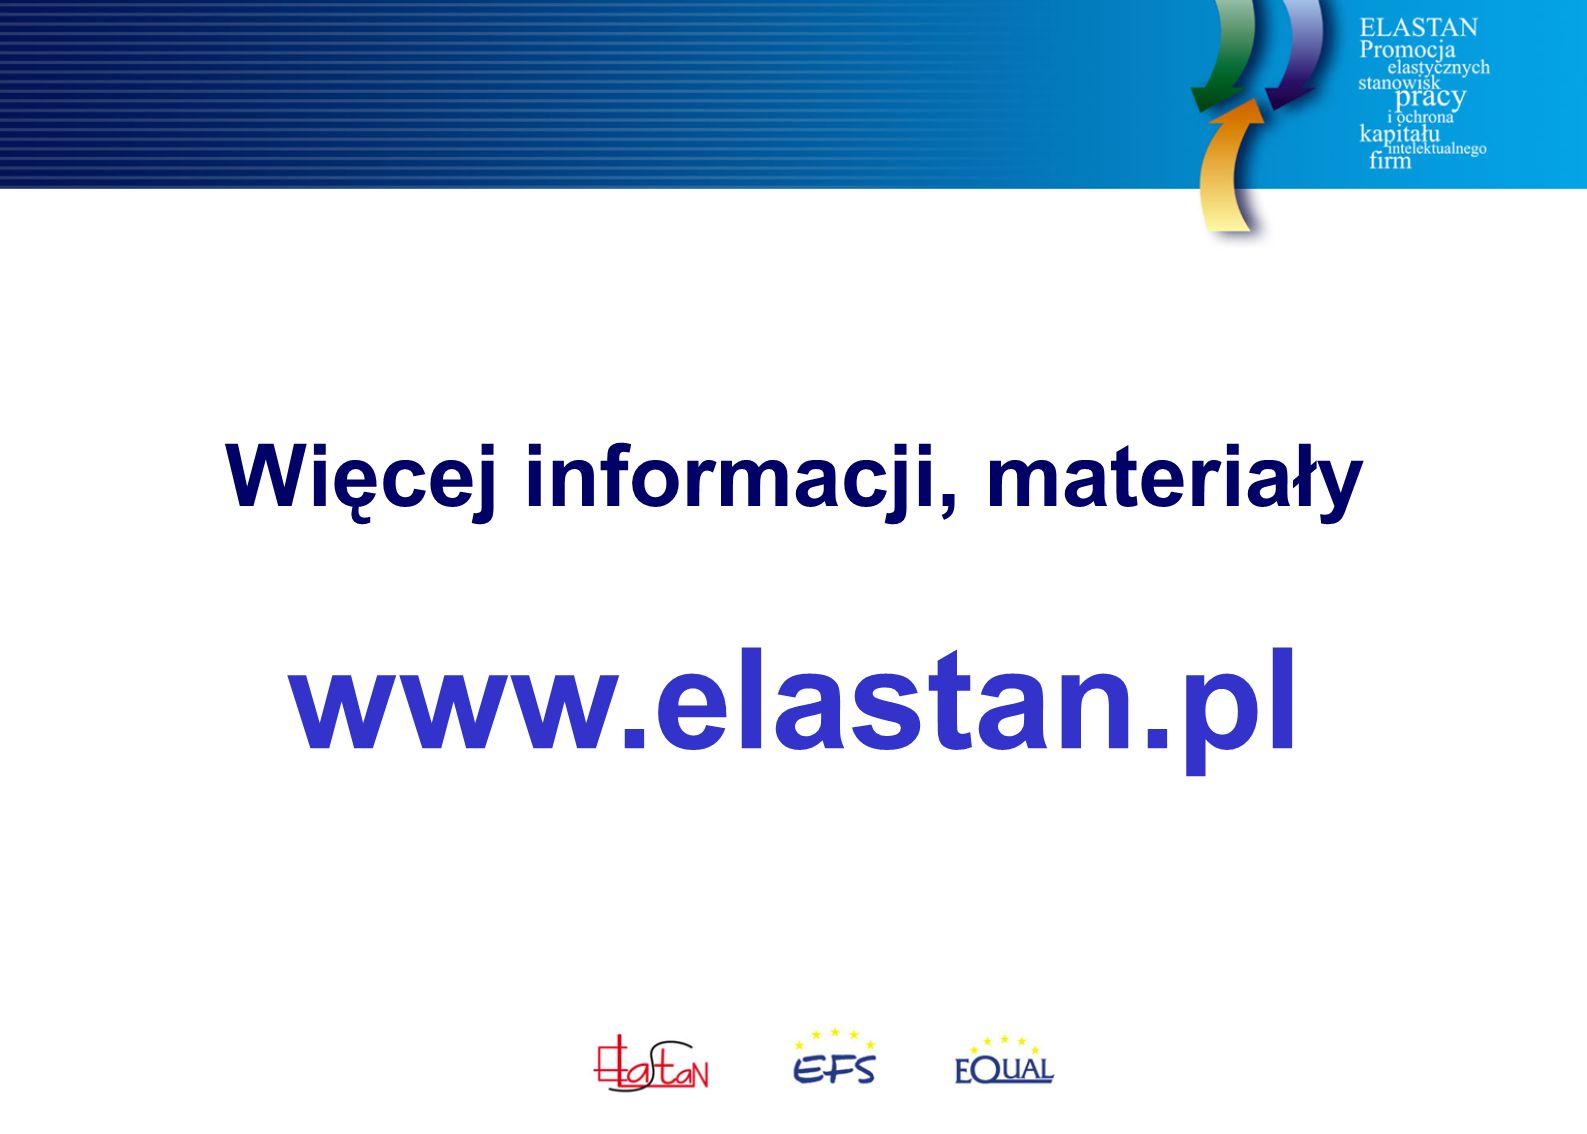 Więcej informacji, materiały www.elastan.pl